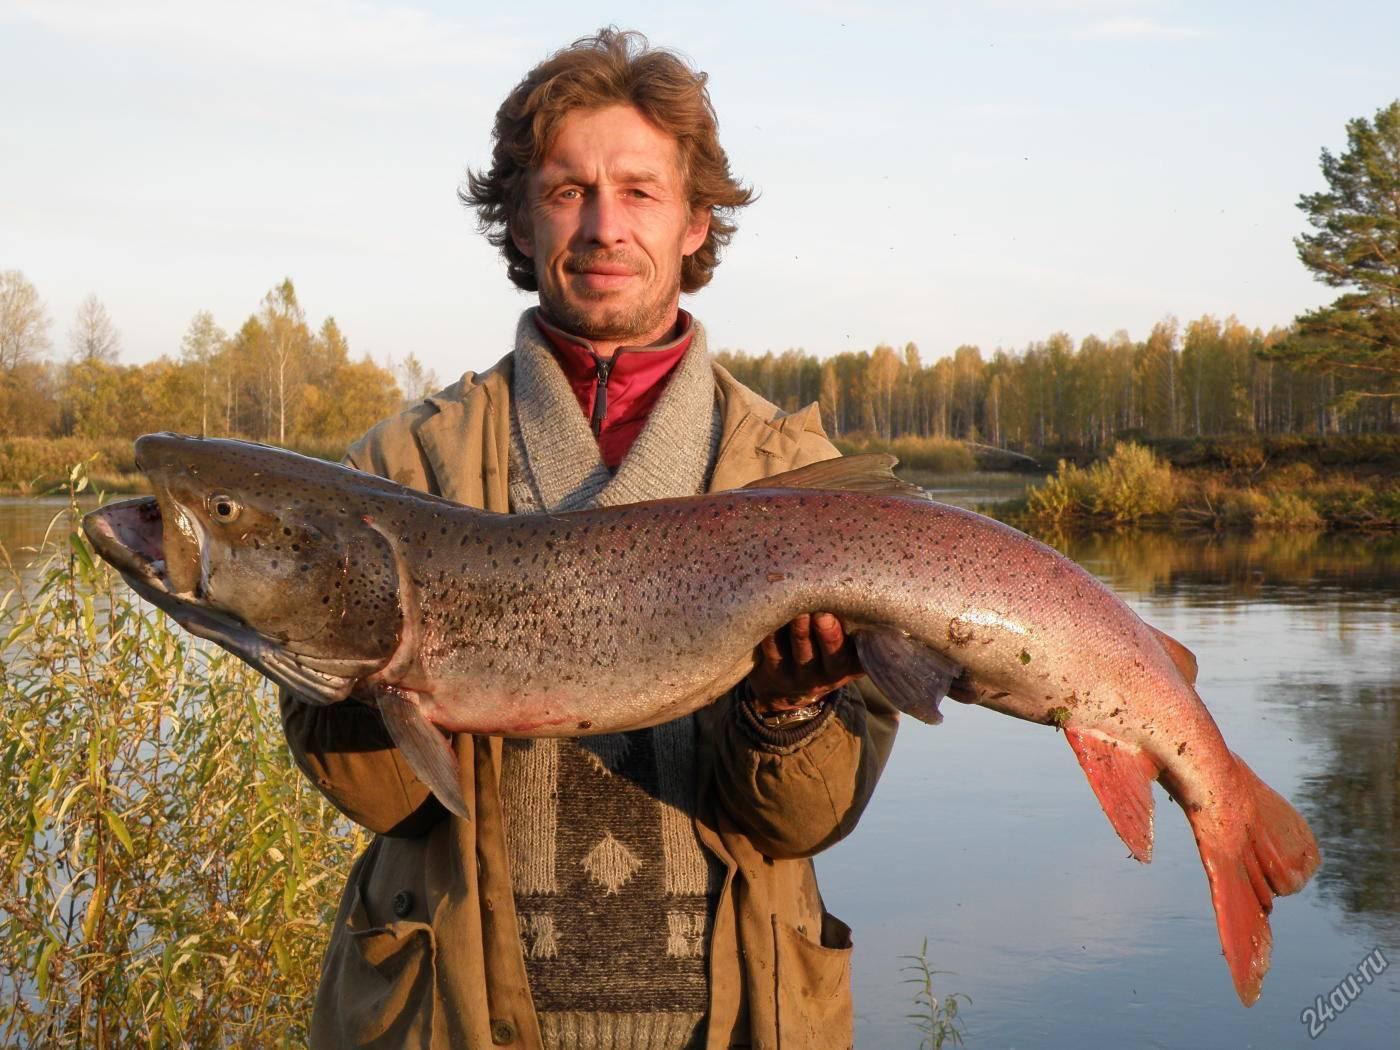 Рыбалка в красноярске и красноярском крае: на водохранилище и енисее, на озере бартат и в других местах. где рыбачить на карася и ловить форель?